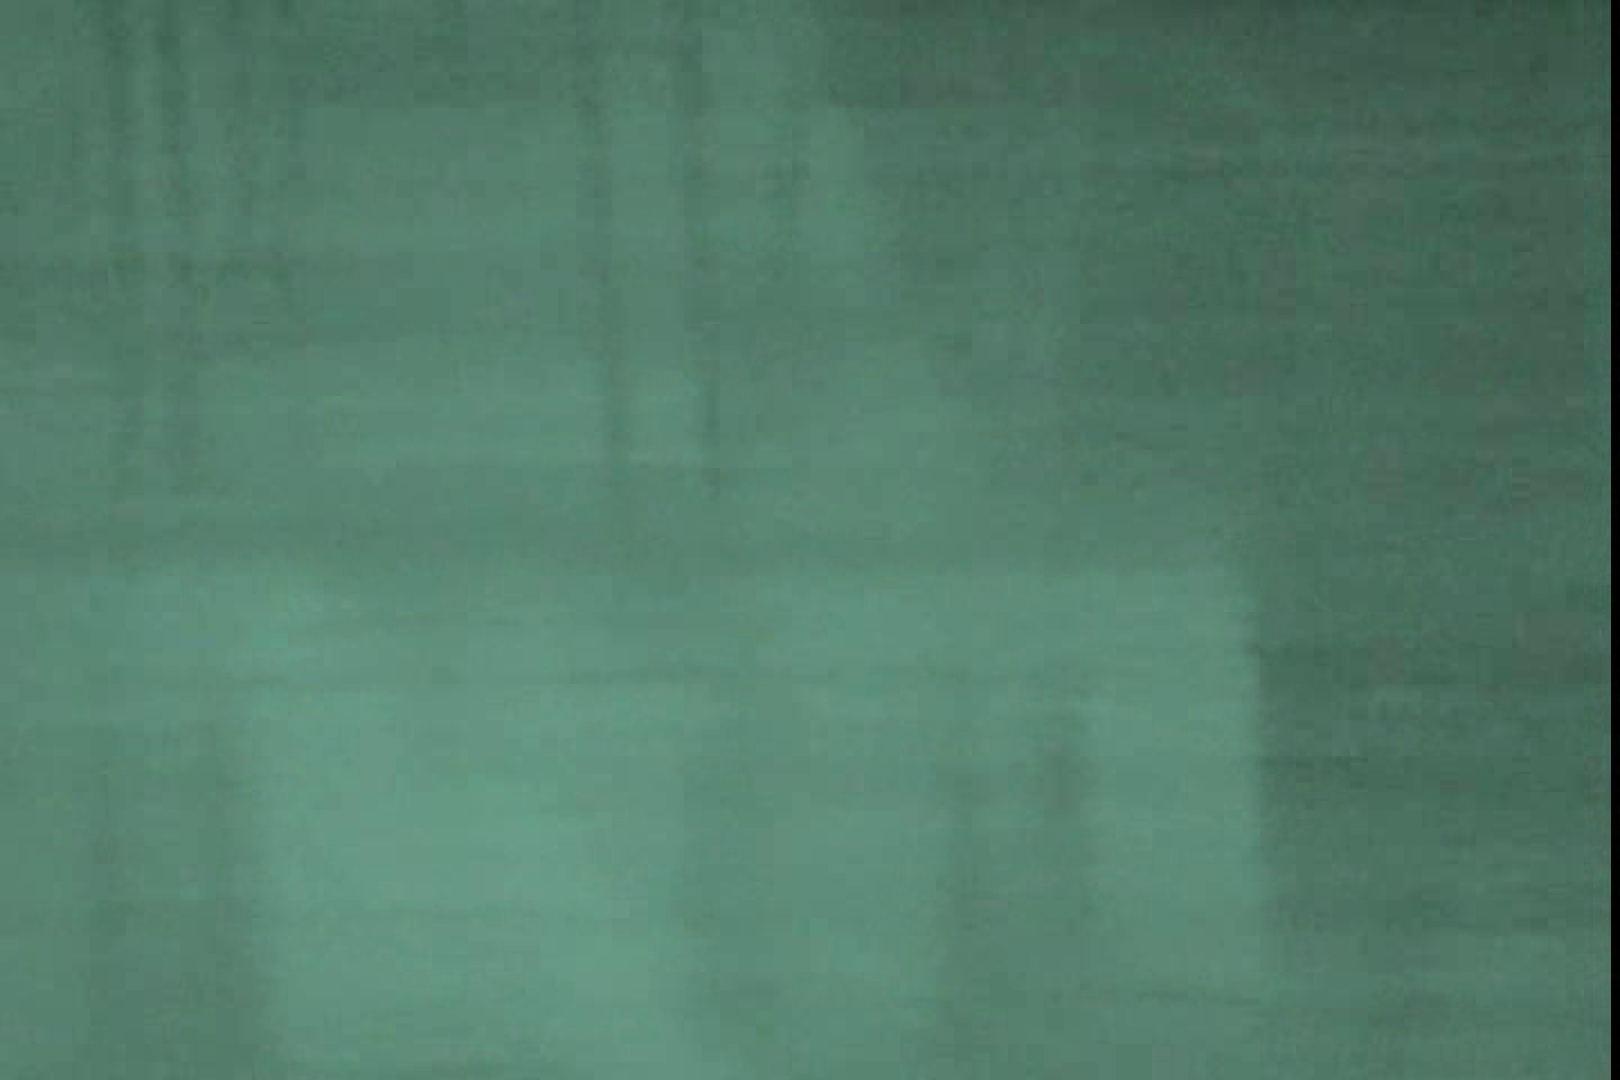 赤外線ムレスケバレー(汗) vol.04 OLエロ画像  82PICs 30